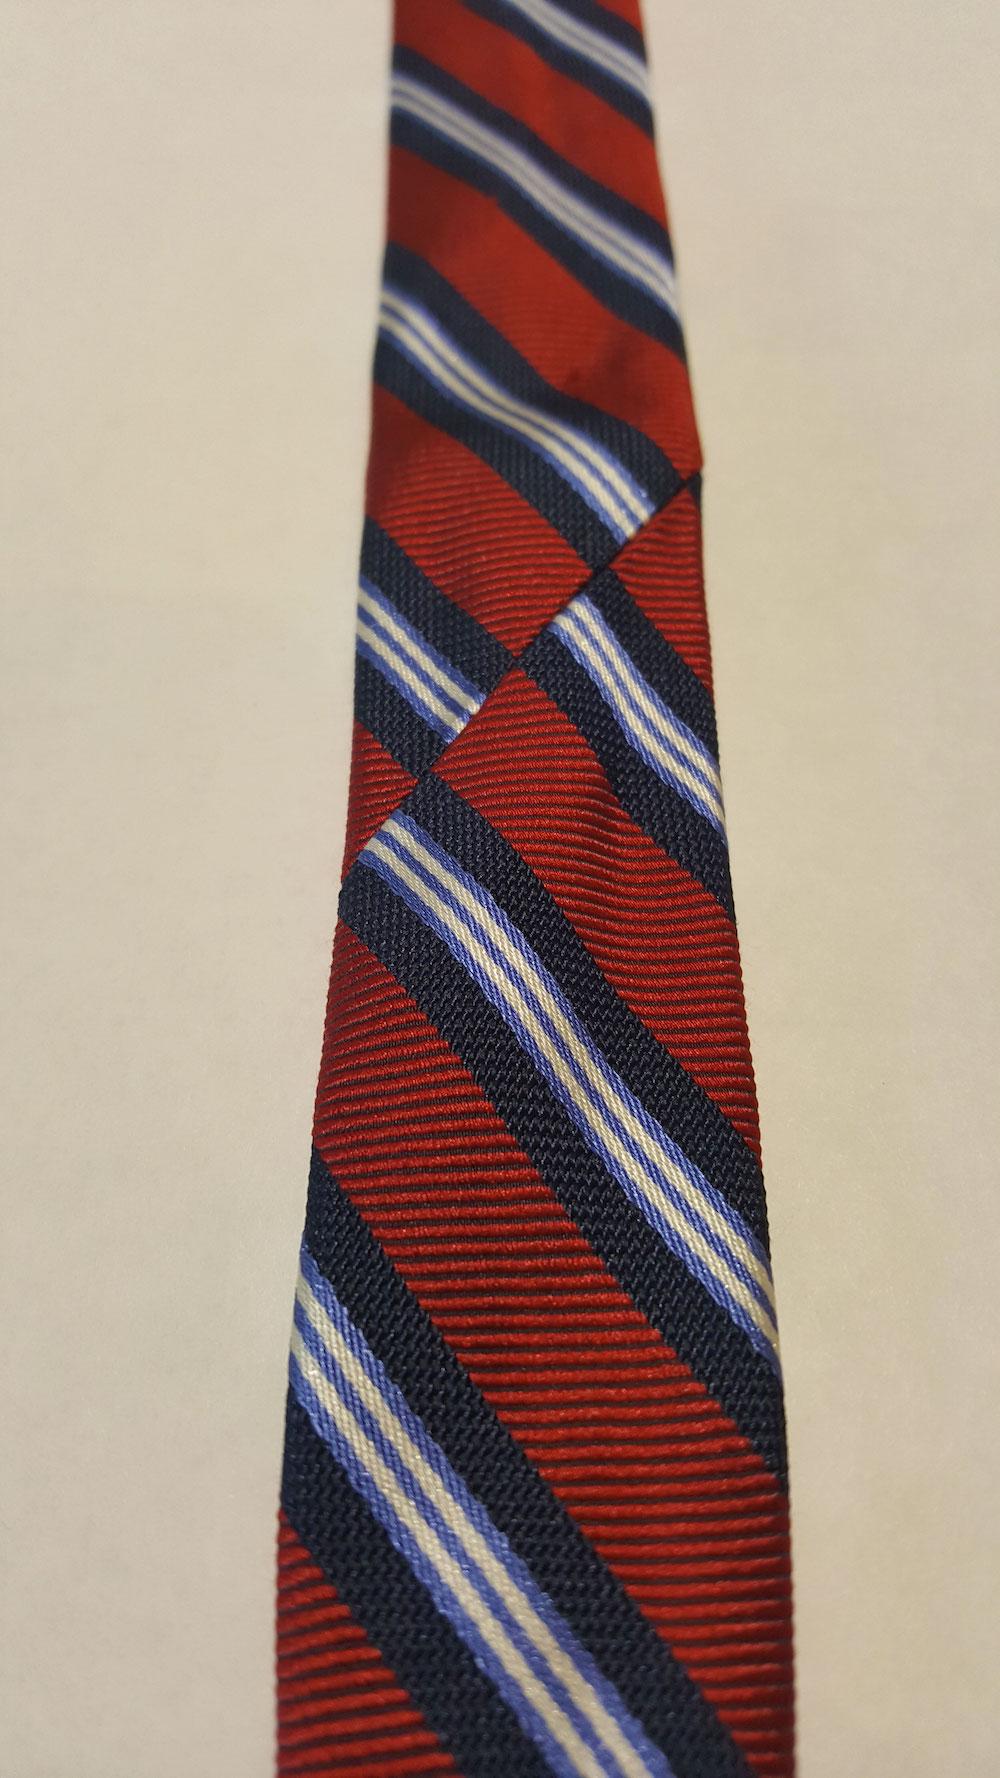 Une cravate réalisée en deux parties, reconnaissable à la couture unique sur l'endroit. (Source: Sartorialisme)